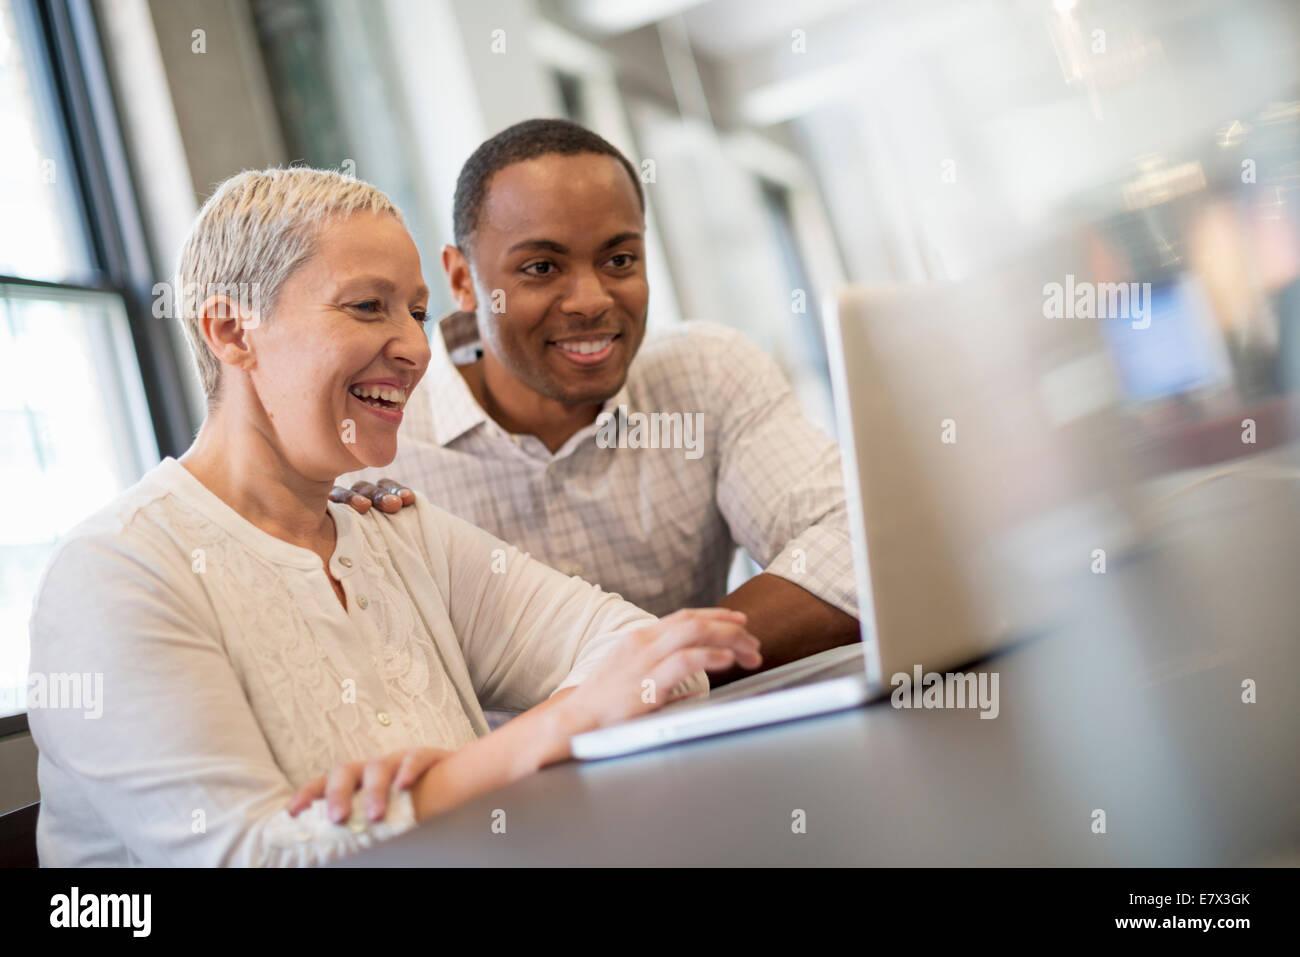 Vita in ufficio. Due persone, un uomo e una donna che guarda uno schermo portatile e ridere. Immagini Stock